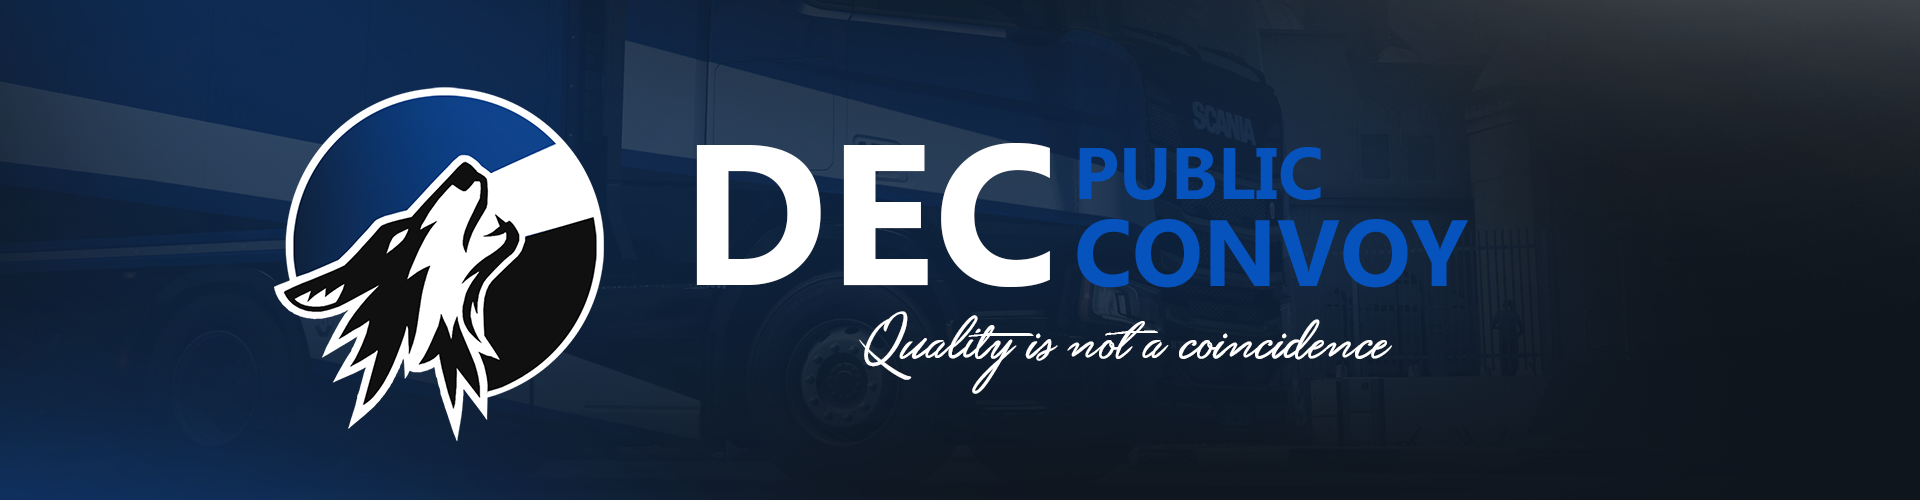 GökBörü VTC December Convoy